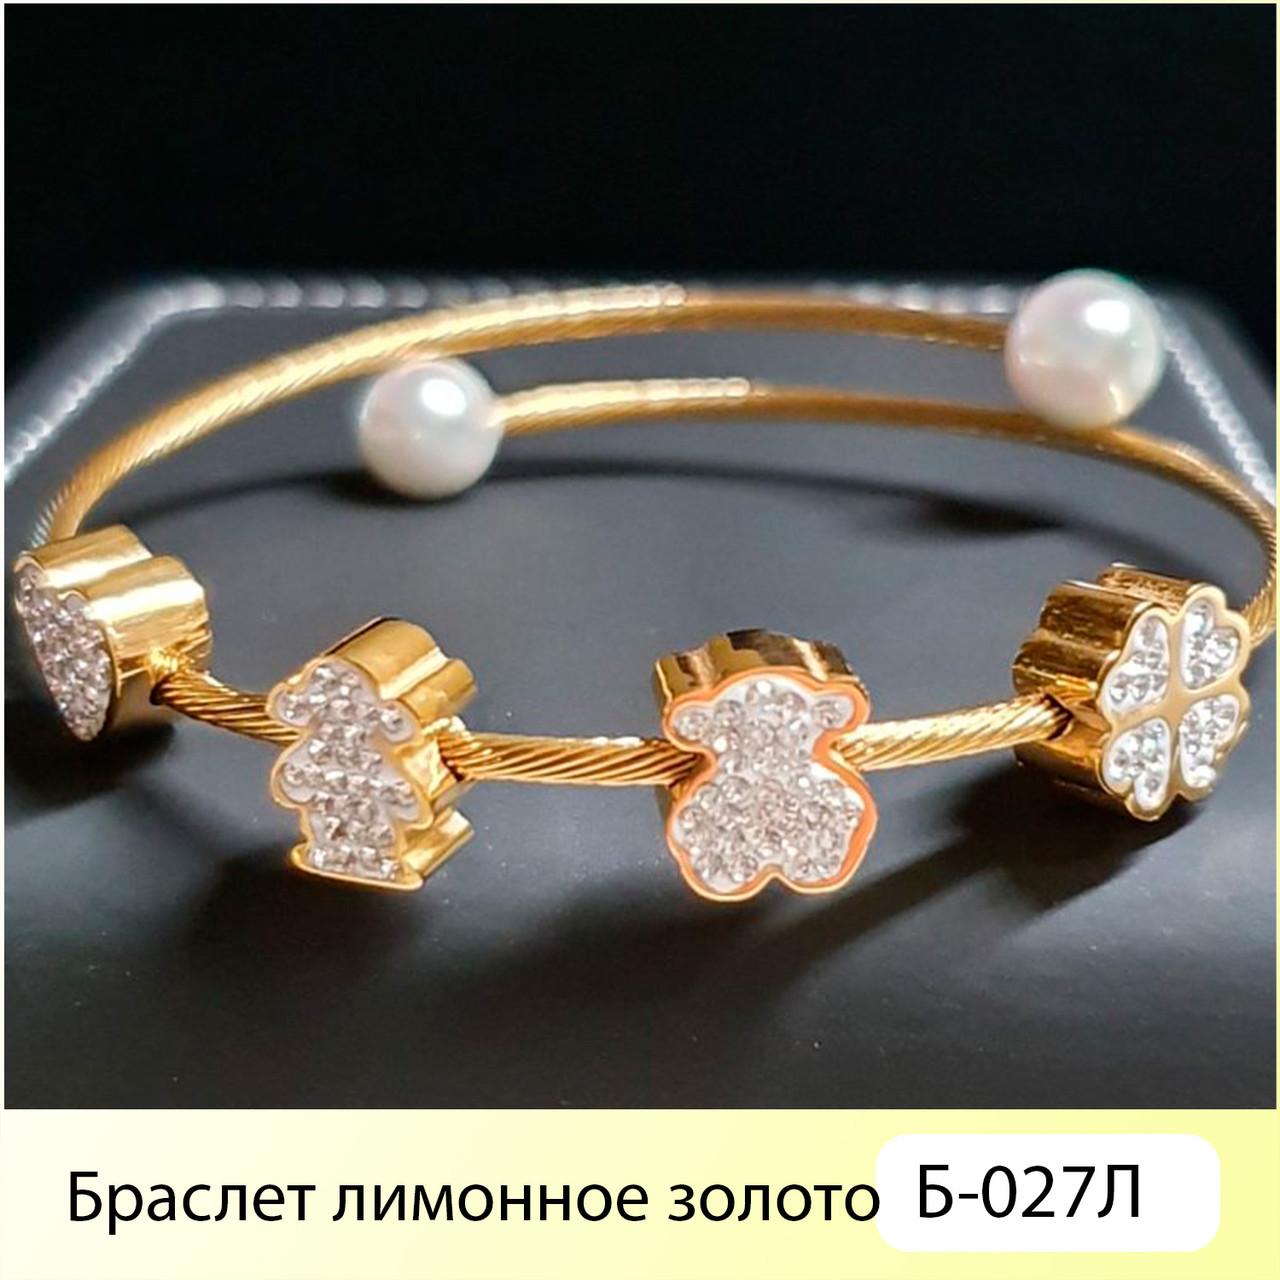 Браслет лимонное золото Б-027Л